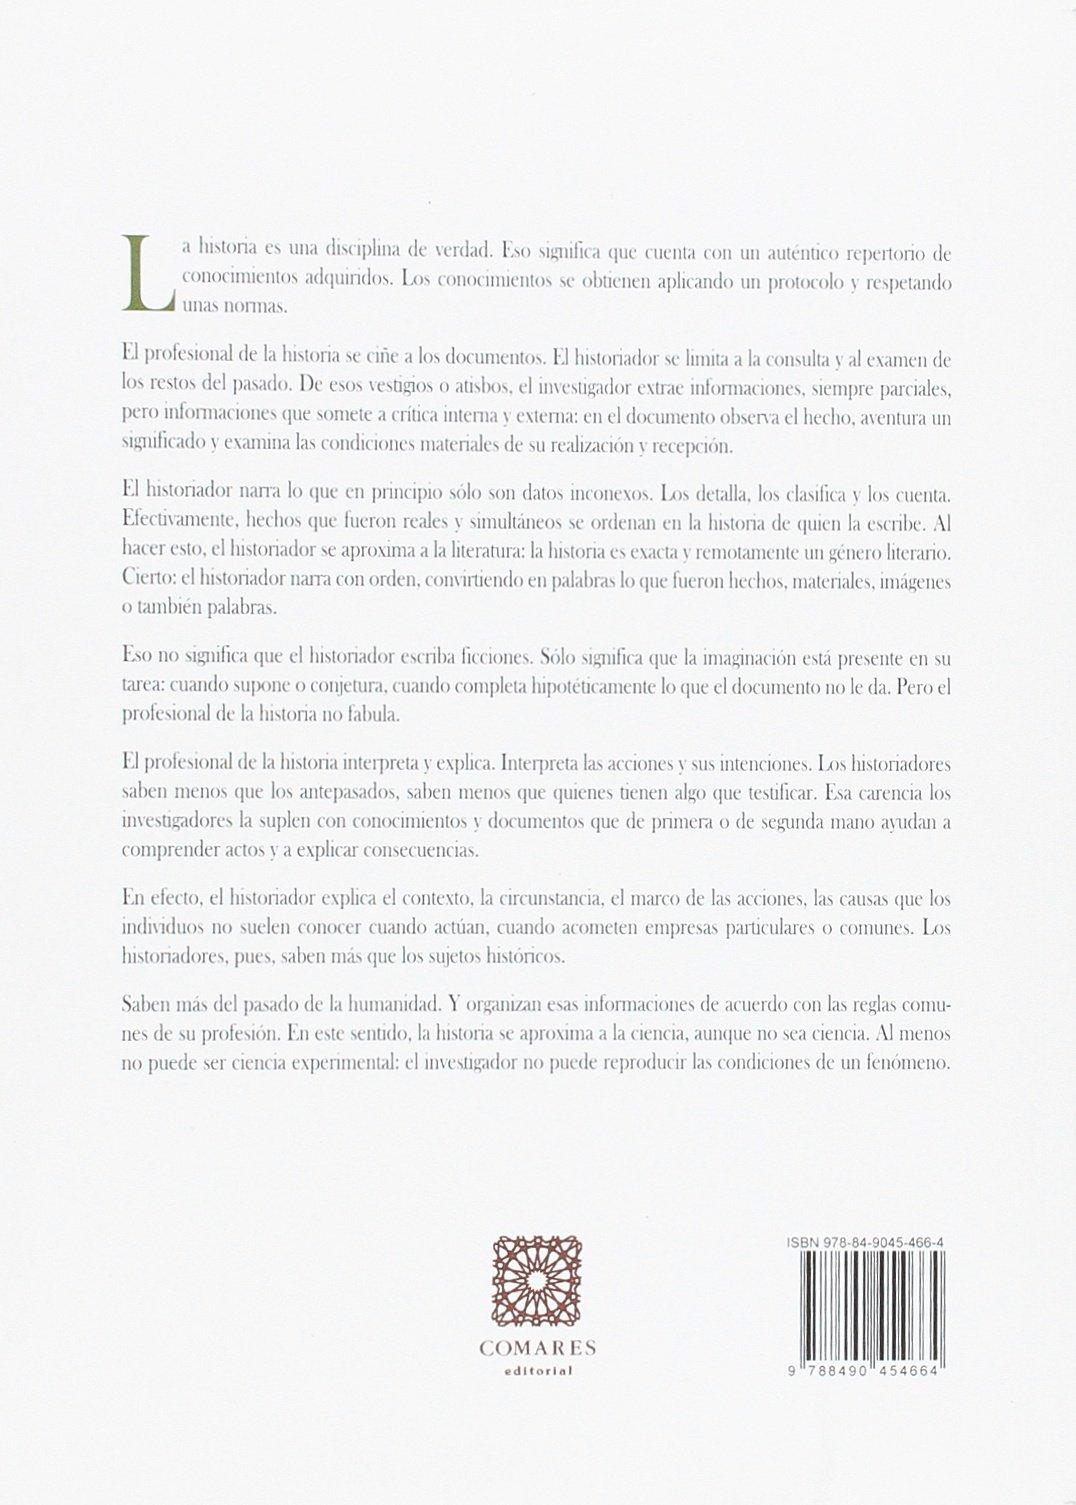 Doce Lecciones sobre historia: ANTOINE PROST: 9788490454664: Amazon.com: Books